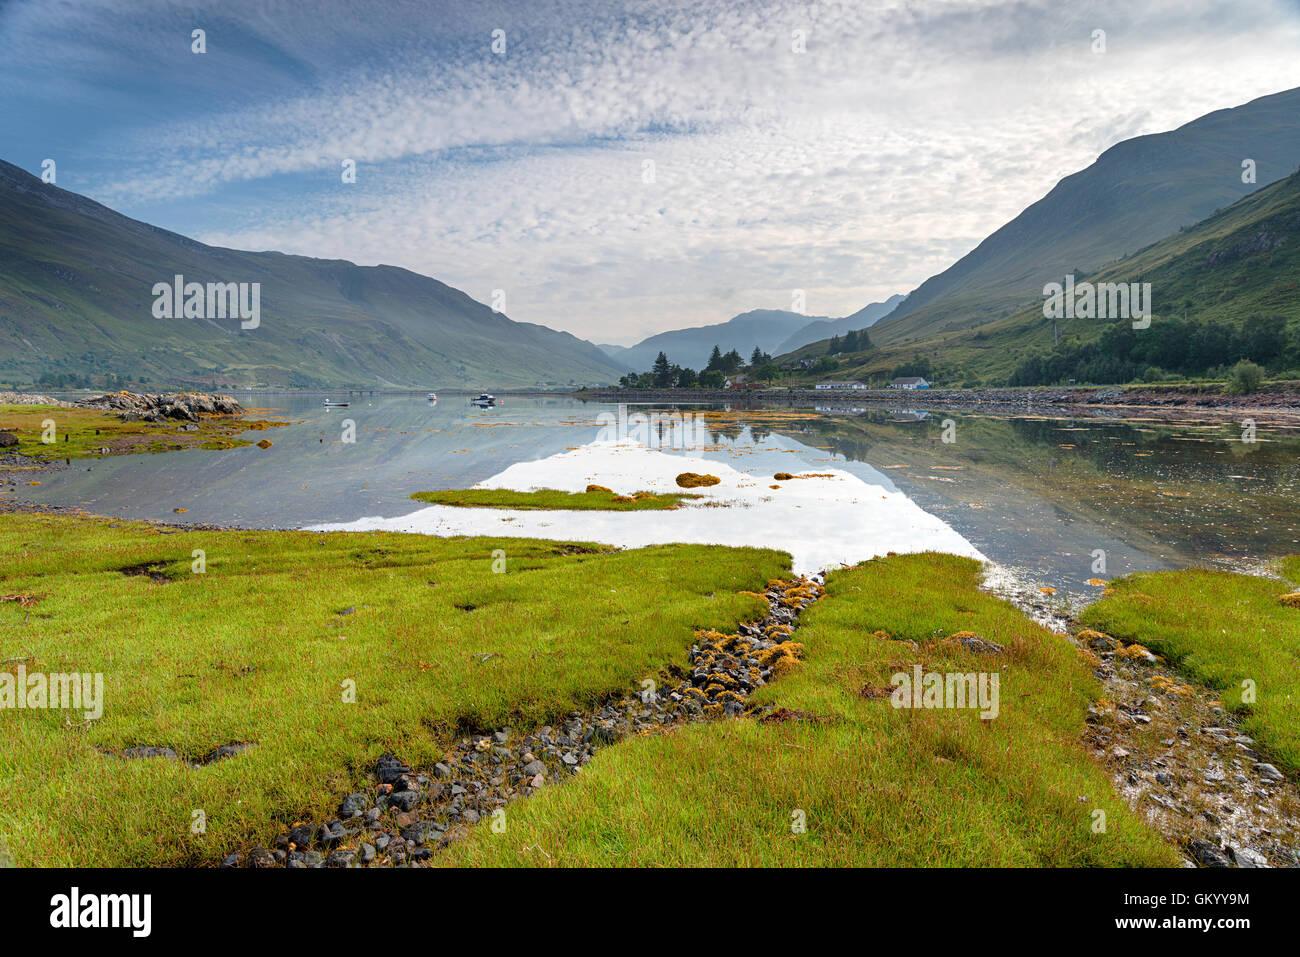 Temprano por la mañana en Loch Duich en las tierras altas de la costa occidental de Escocia con una alfombra verde Foto de stock